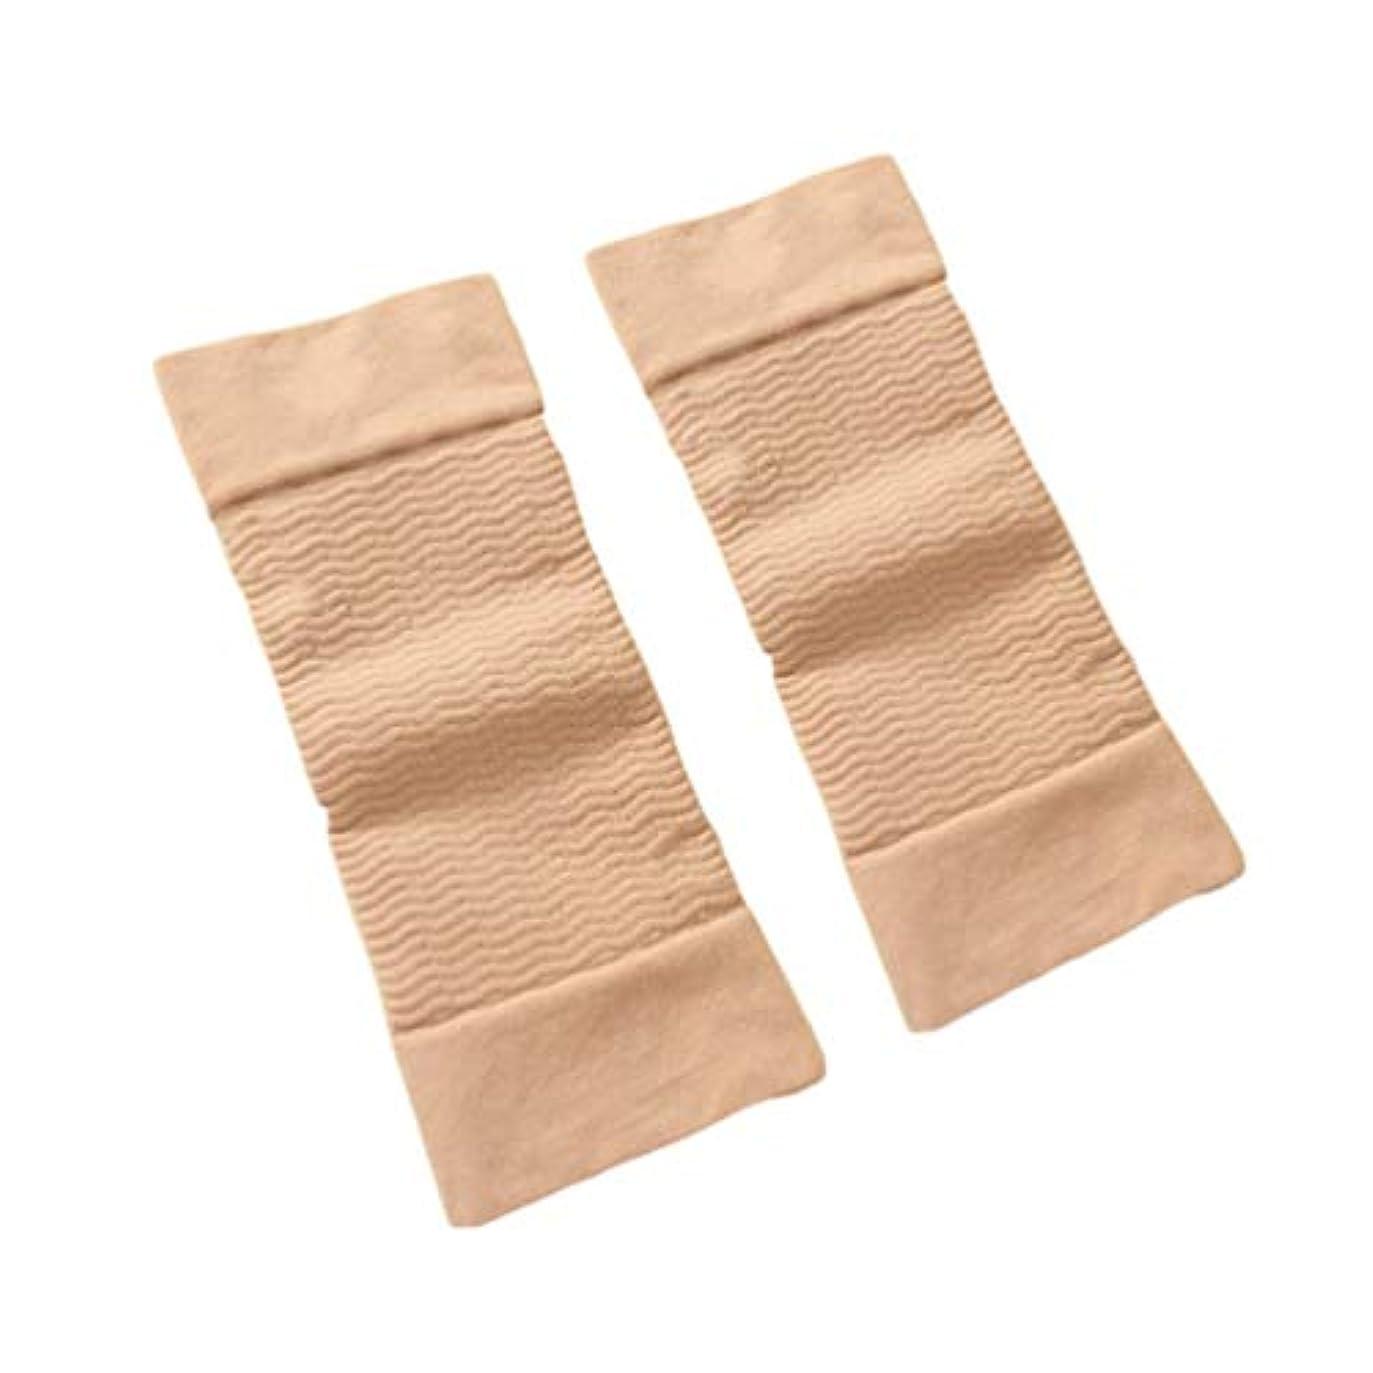 手紙を書くコンパイル音声学1ペア420 D圧縮痩身アームスリーブワークアウトトーニングバーンセルライトシェイパー脂肪燃焼袖用女性 - 肌色